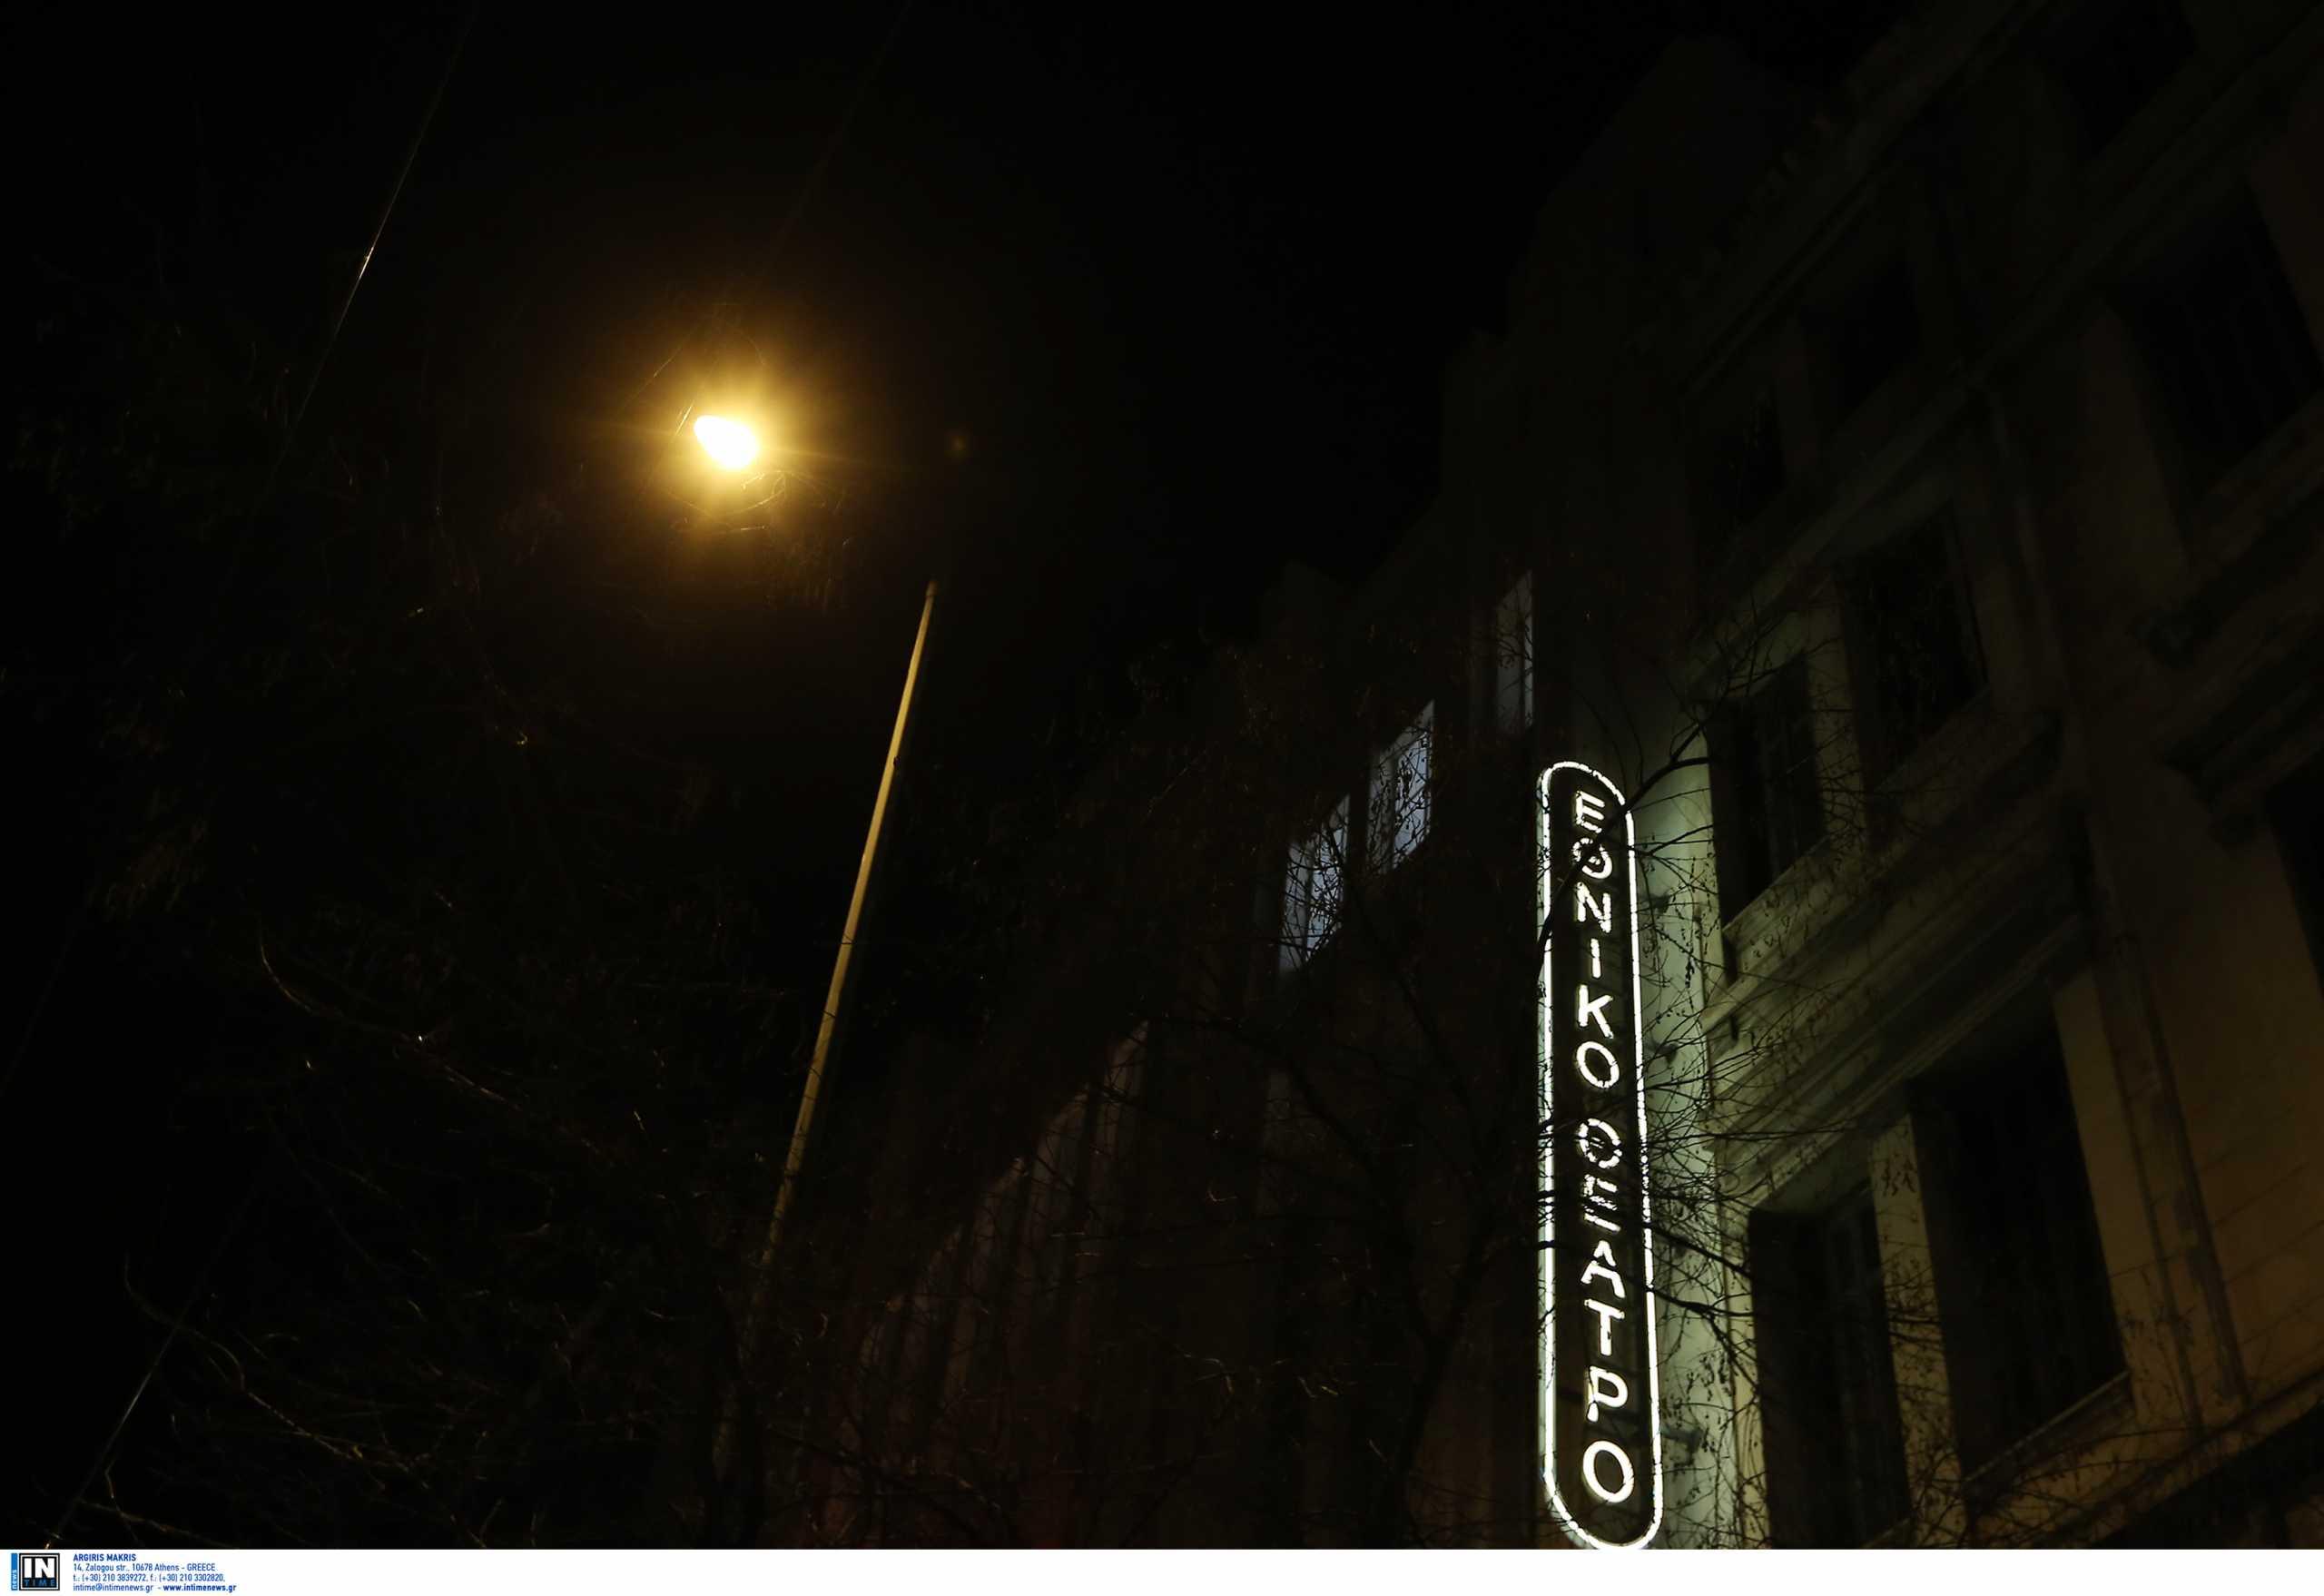 Ορίστηκε ειδική επιτροπή για την επιλογή του καλλιτεχνικού διευθυντή του Εθνικού Θεάτρου